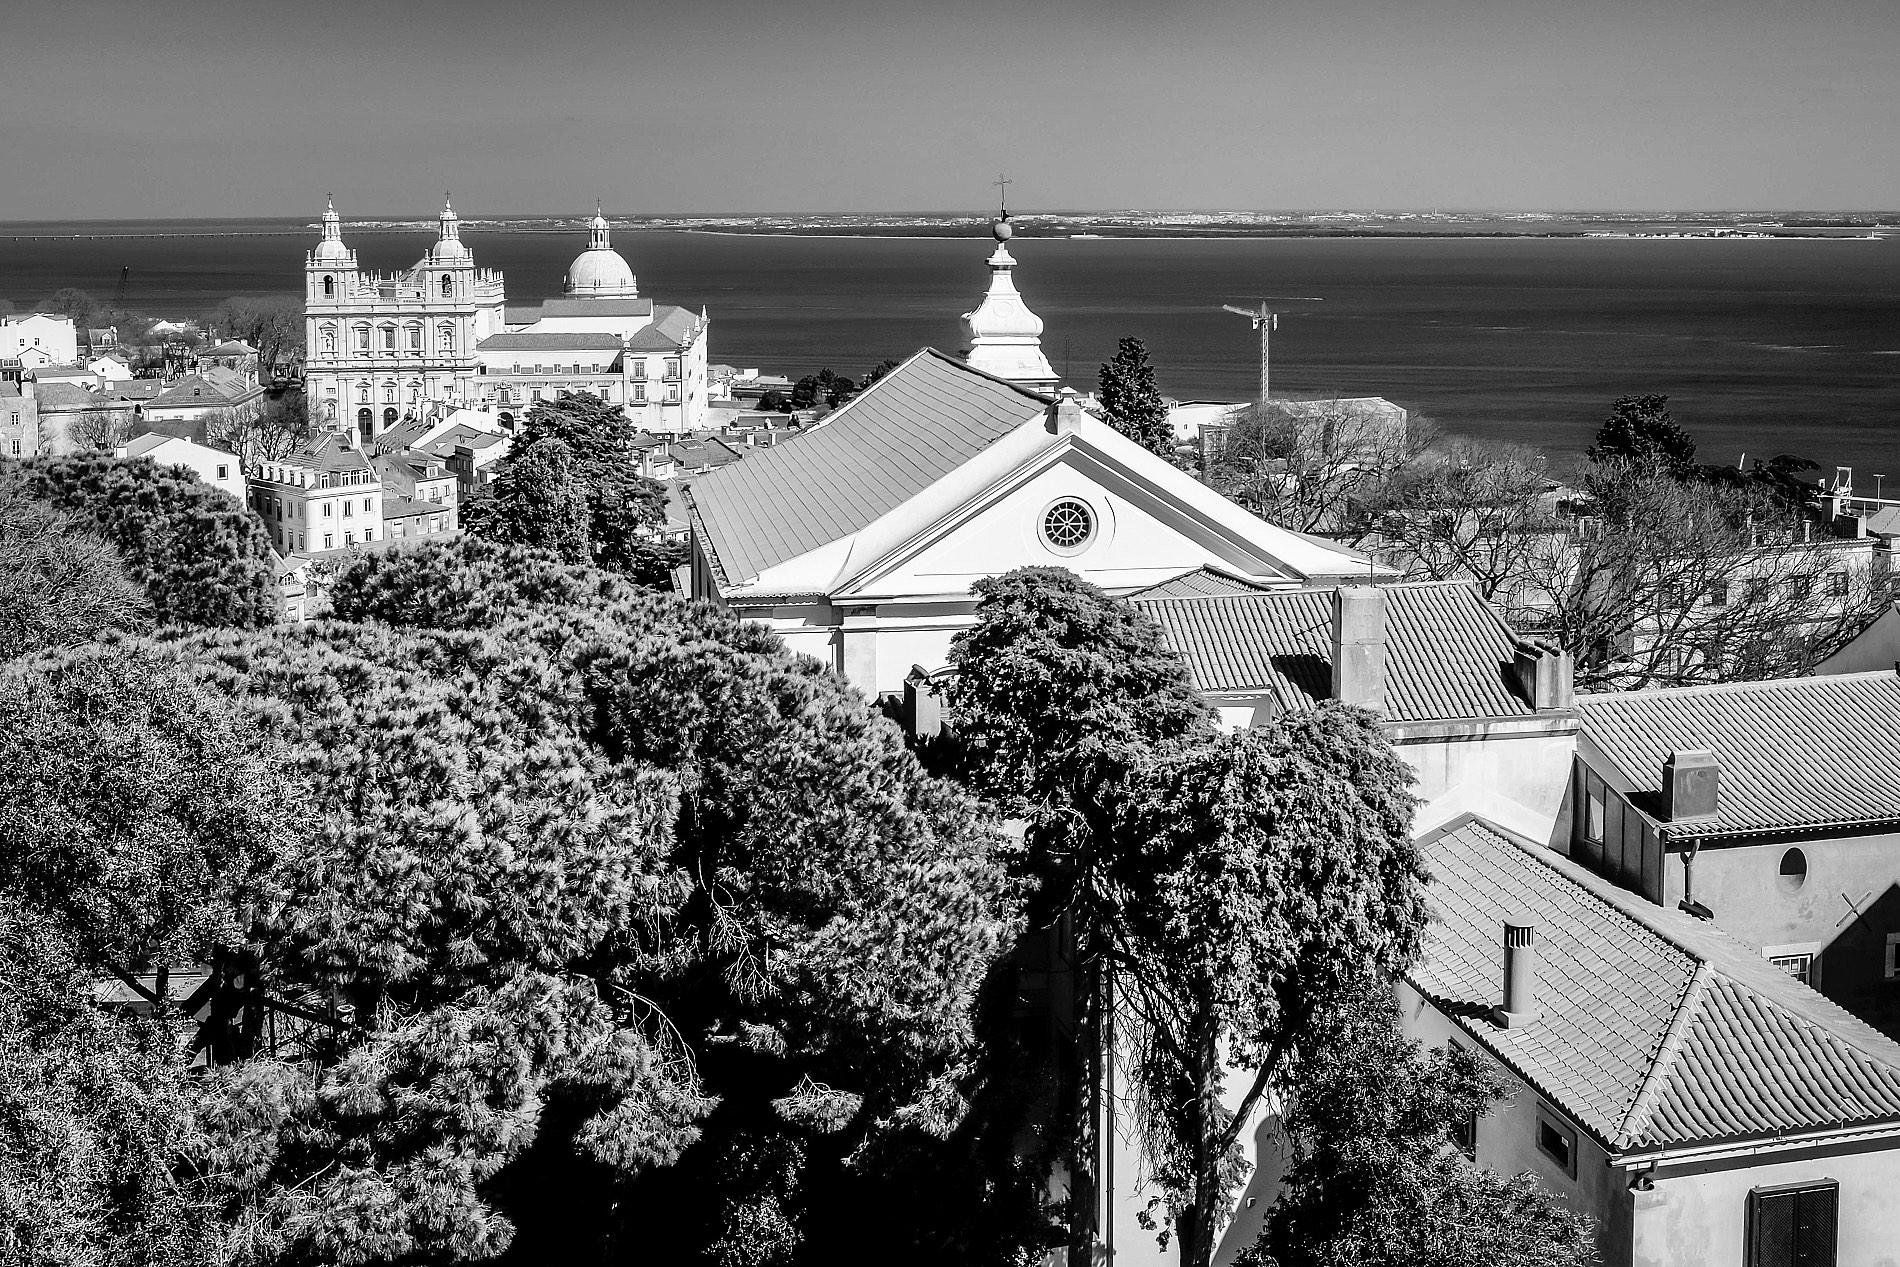 Lissabon_Lisbon_street_portrait_martinfrick-1463